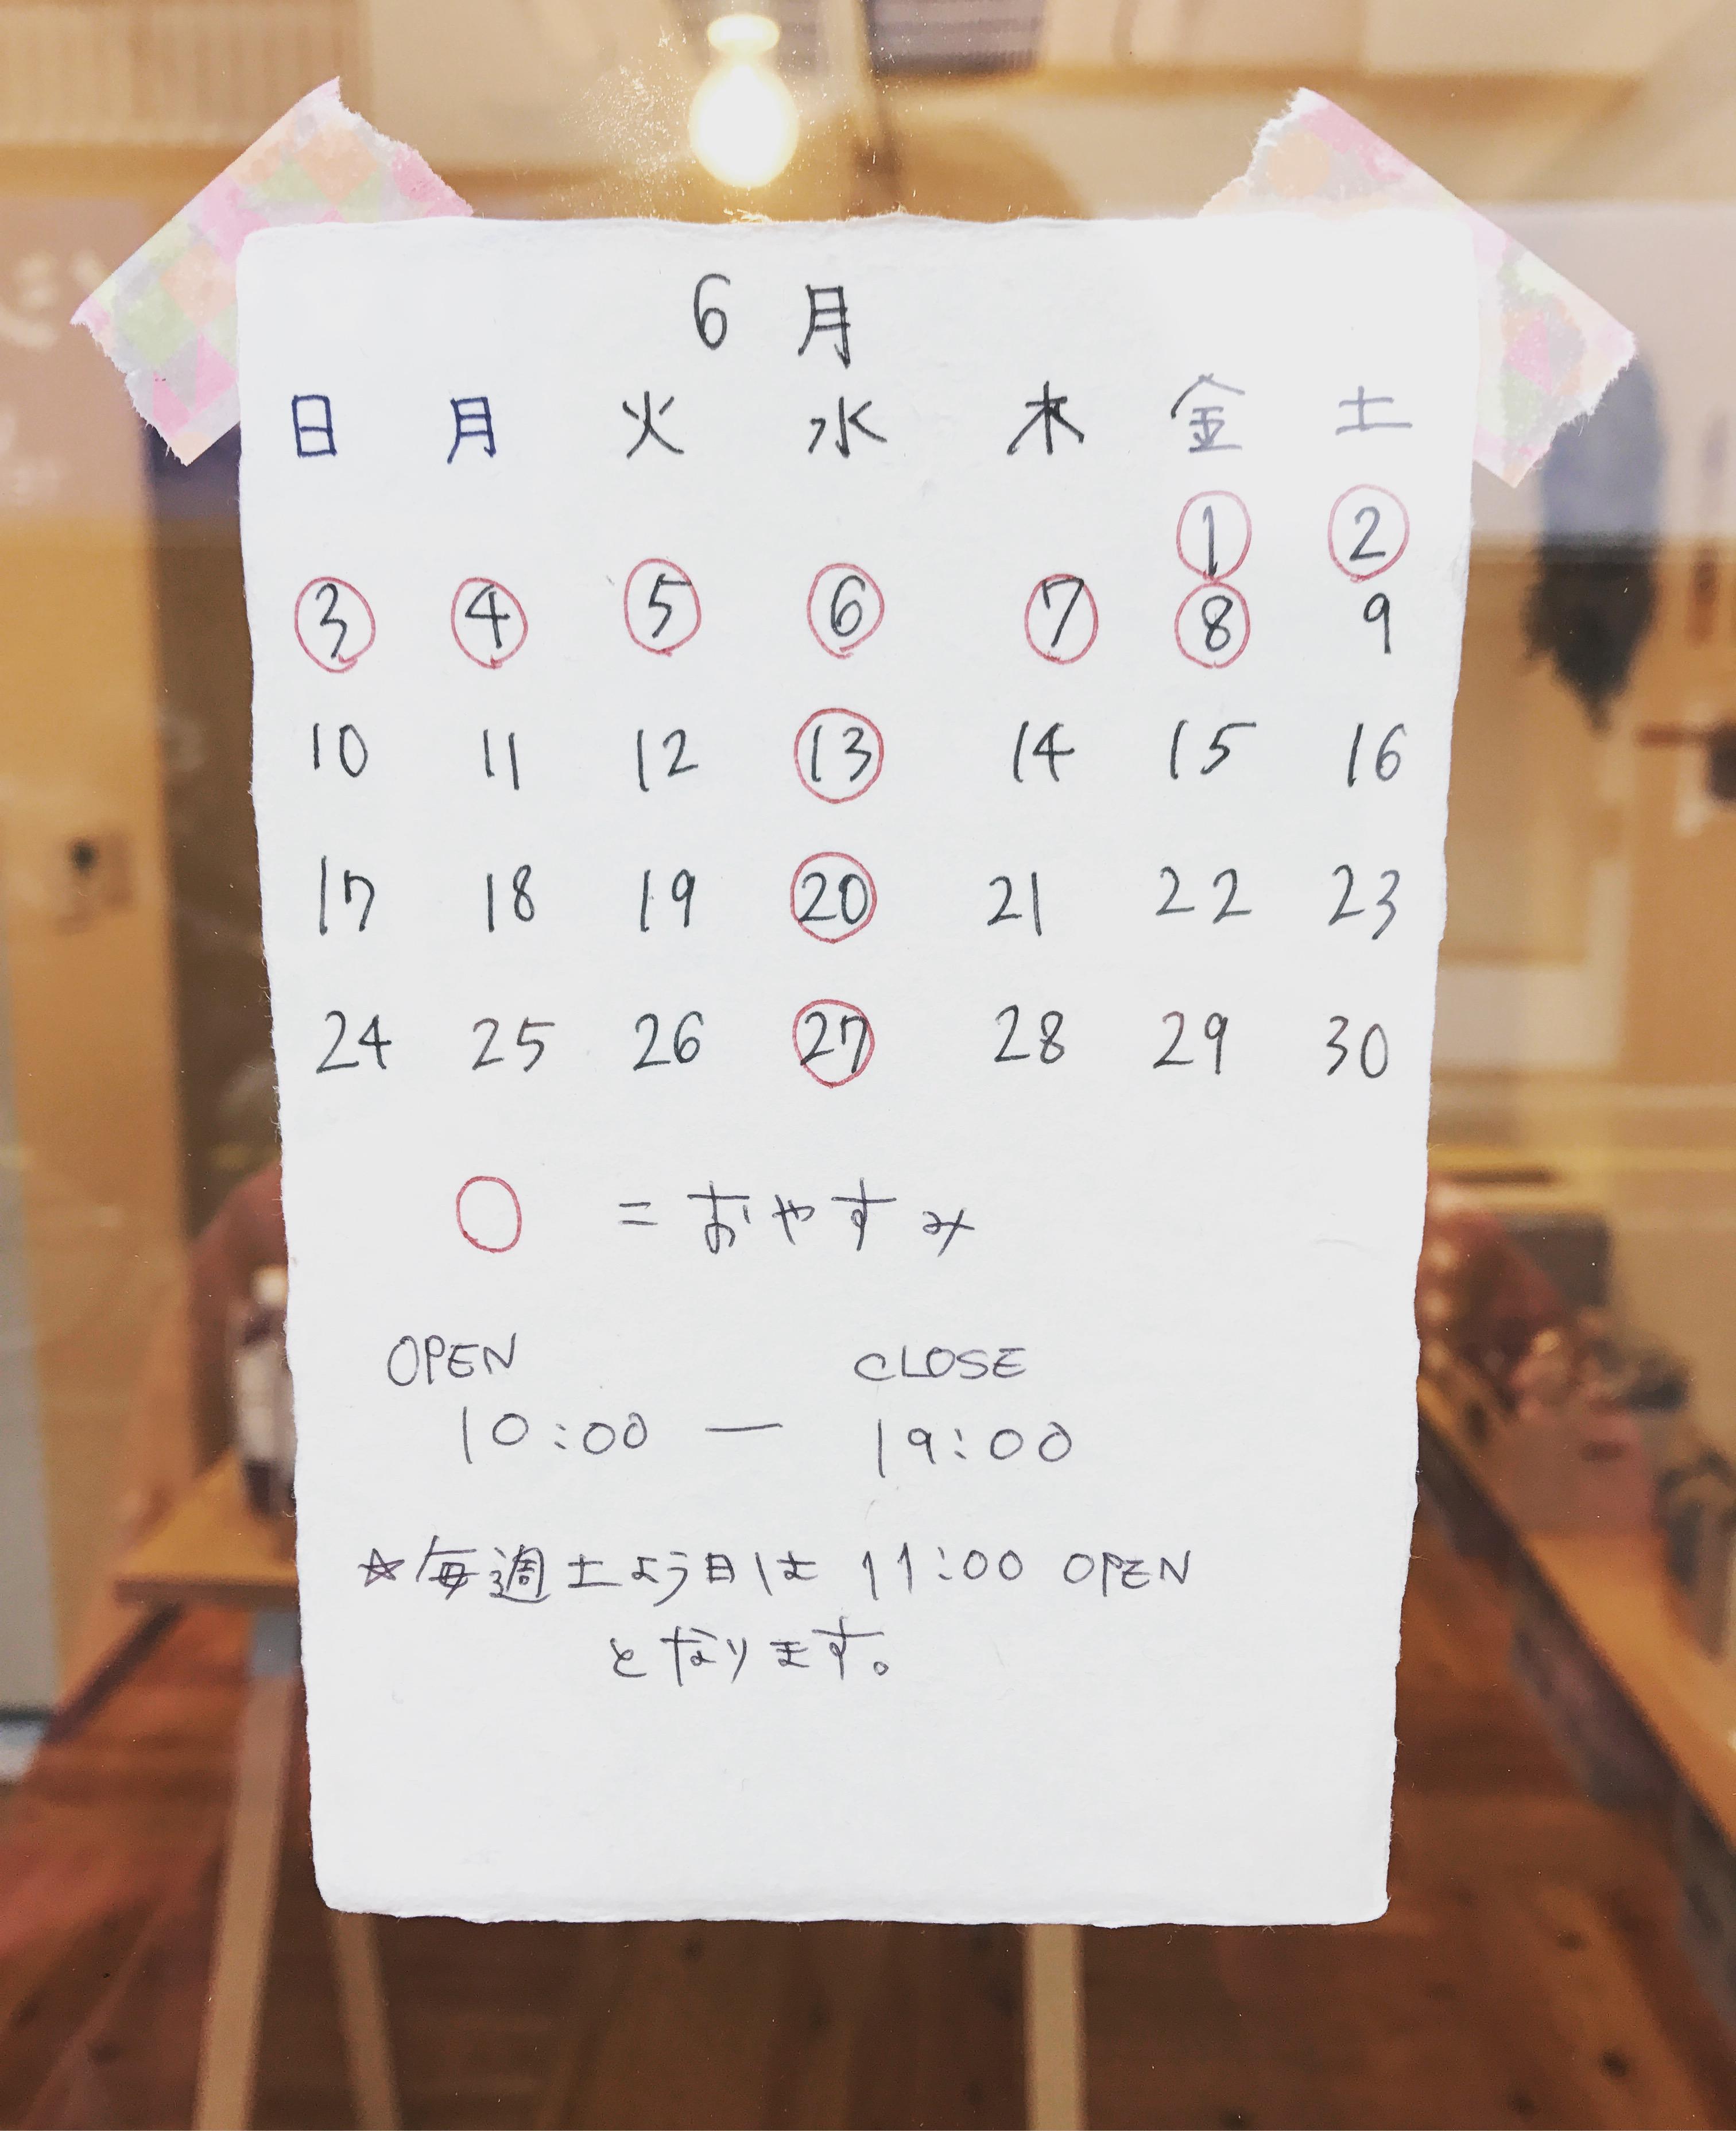 松陰神社前6月のカレンダー